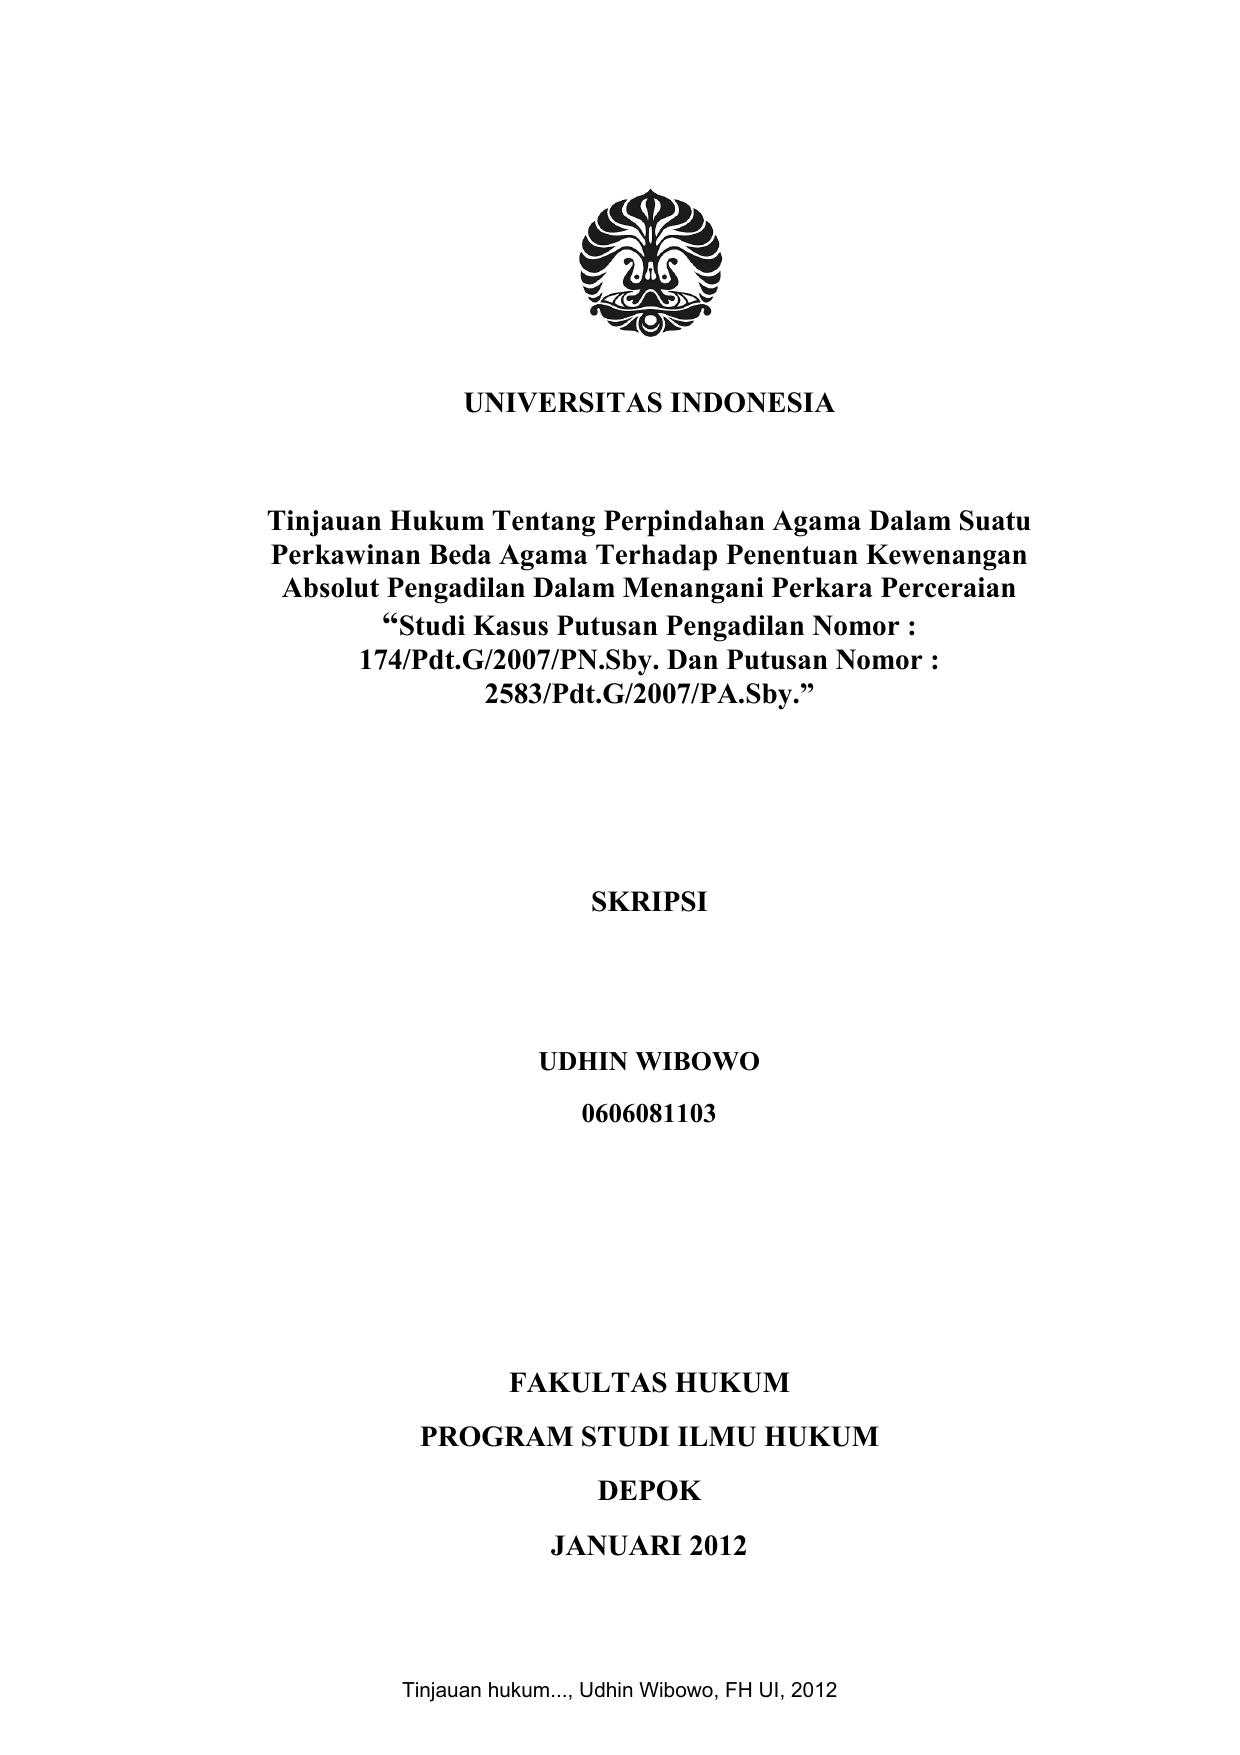 Skripsi Hukum Perdata Tentang Perkawinan Beda Agama Pejuang Skripsi